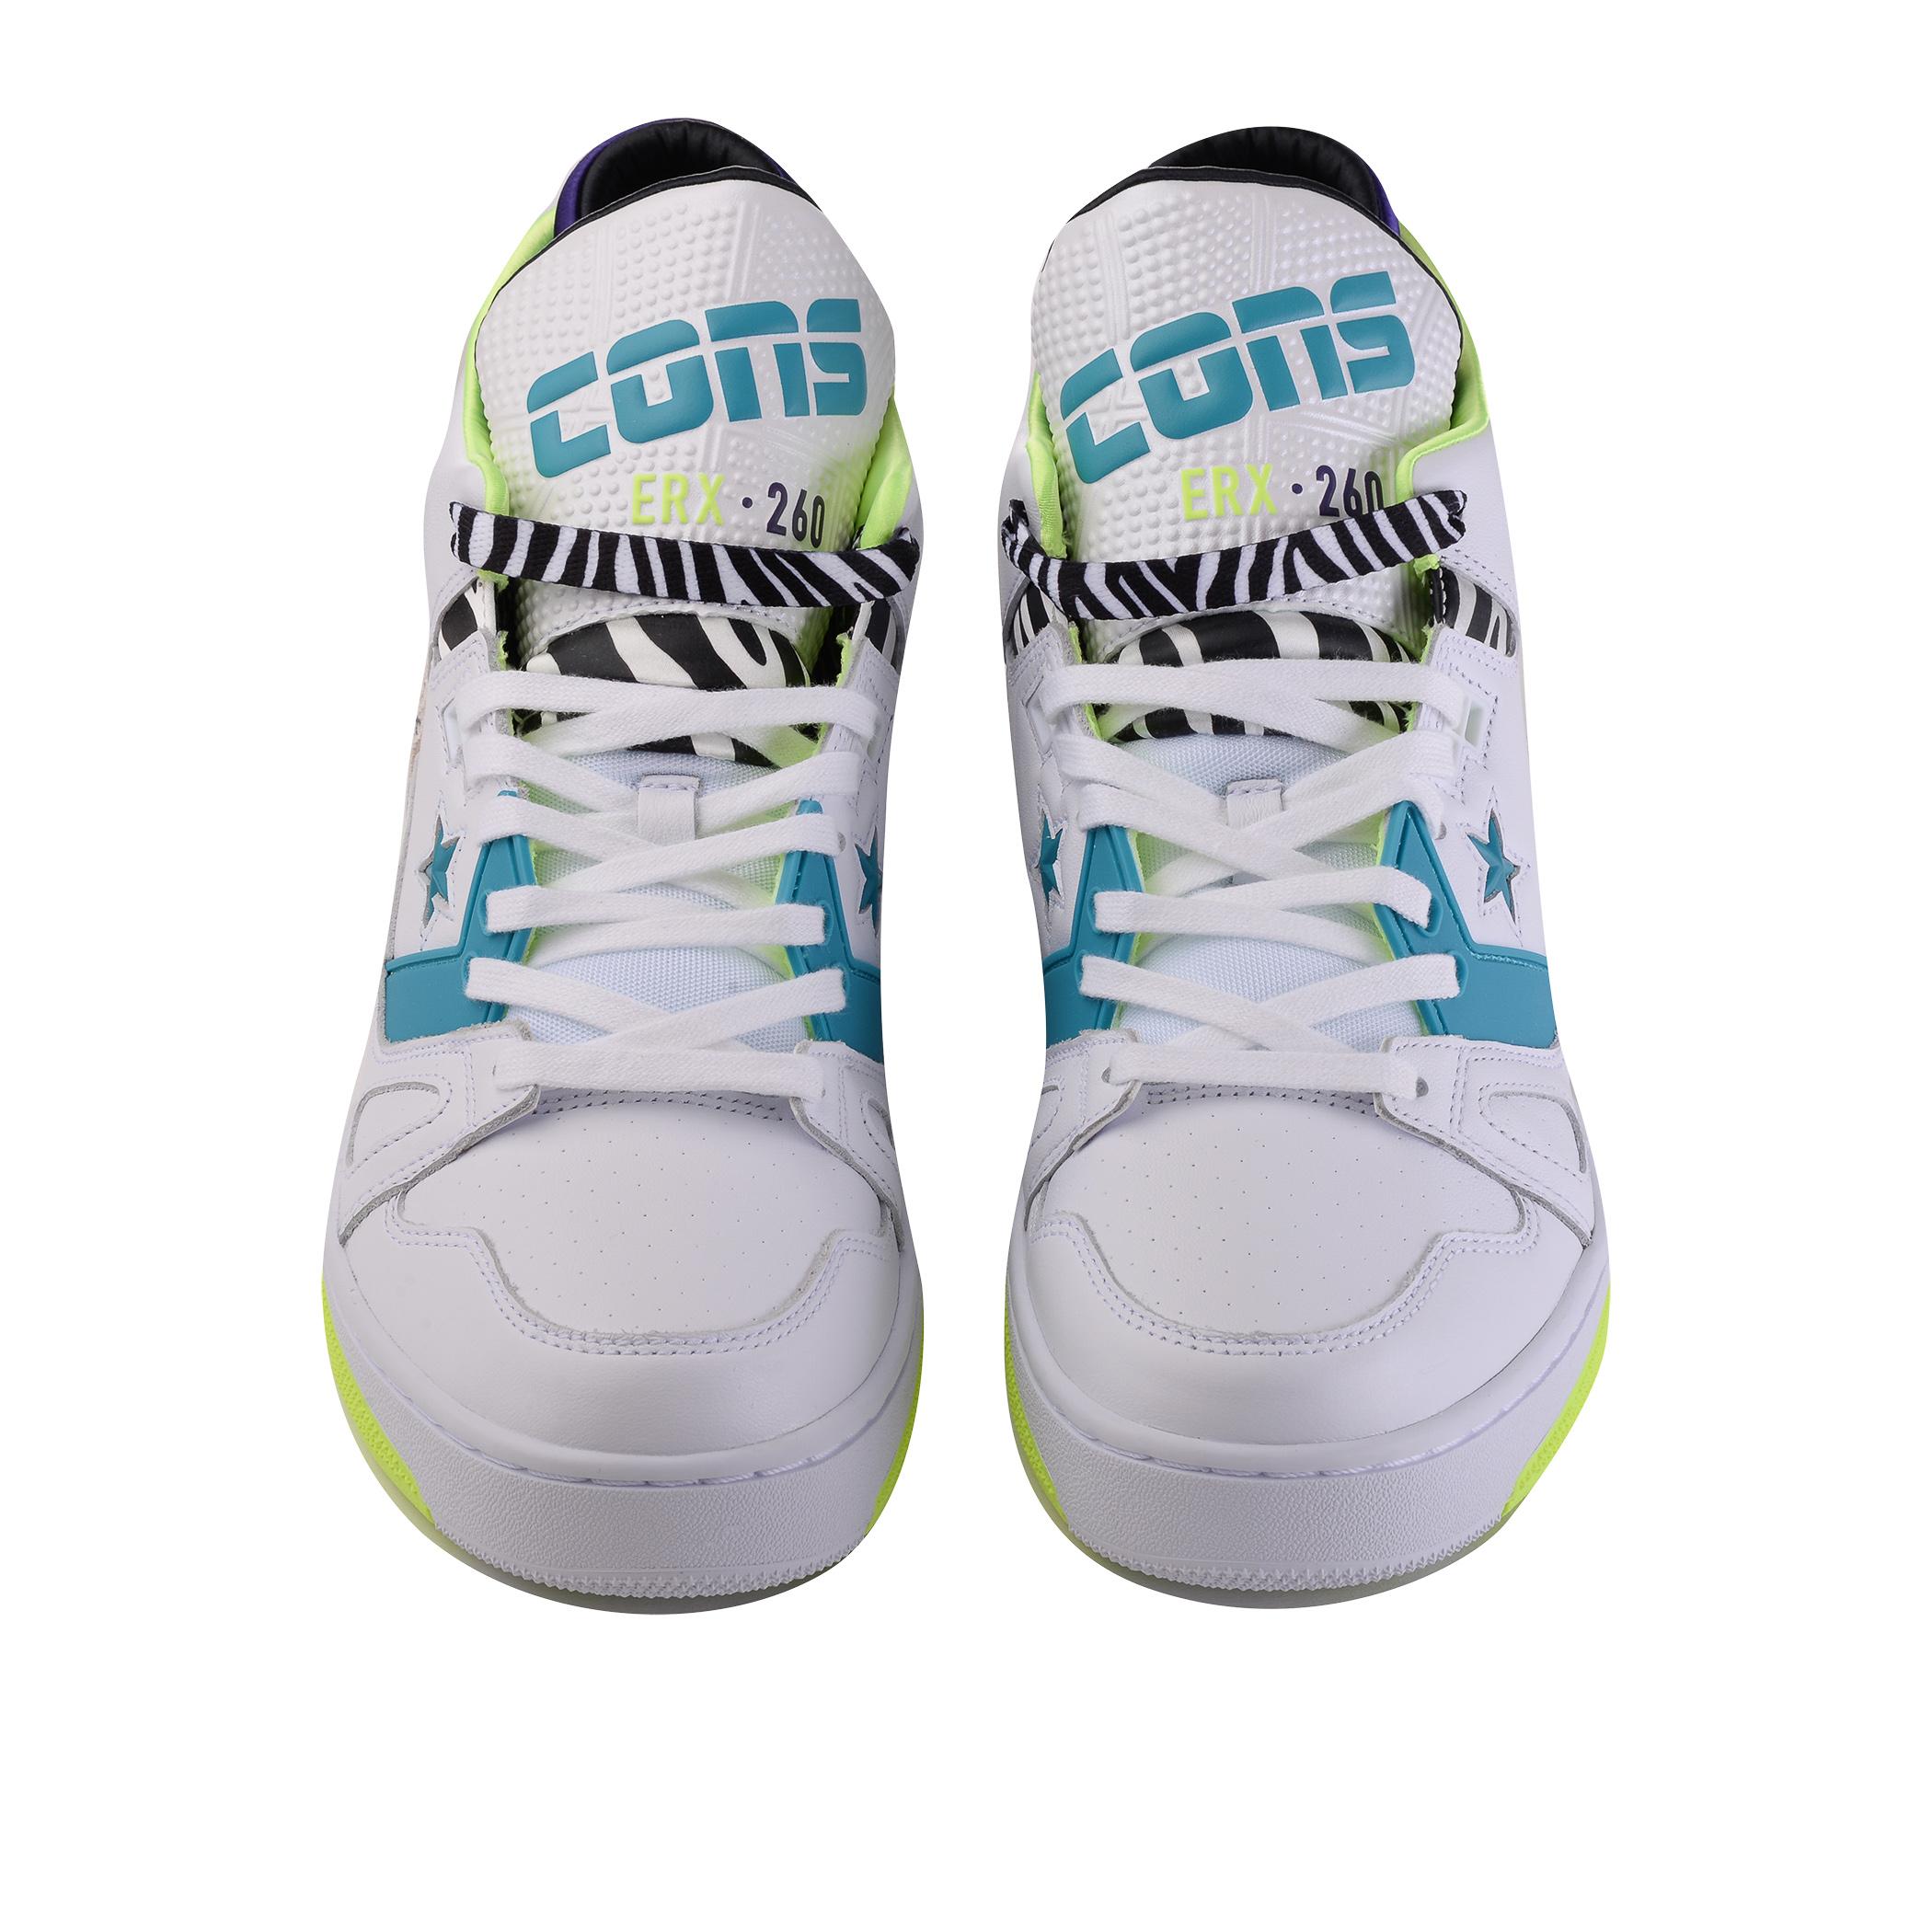 711f6902 Кроссовки от Converse (163783) - продажа, цена, фото, описание